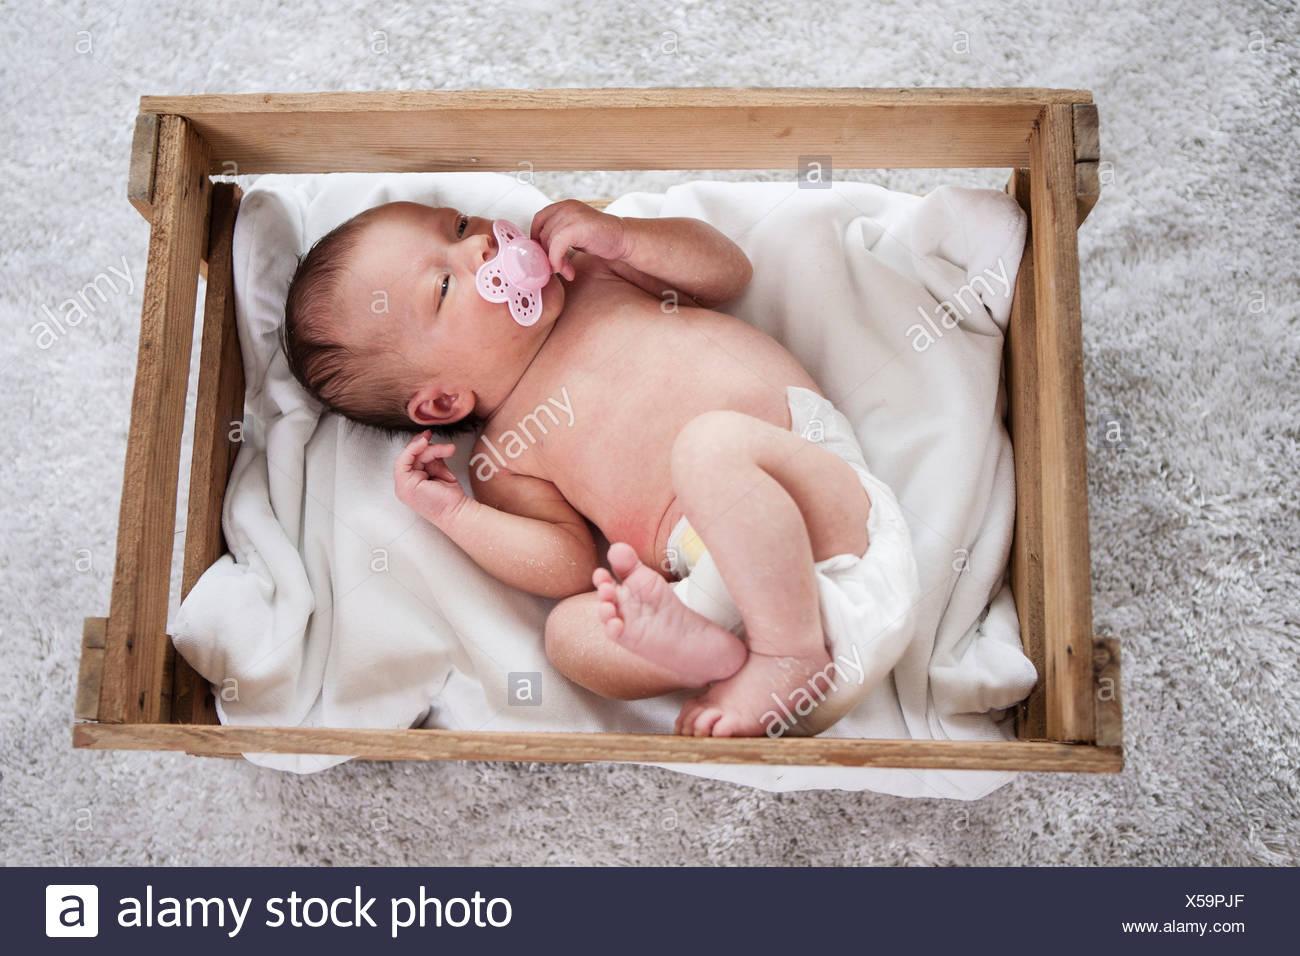 Pose de nouveau-né endormi avec sucette dans la bouche Photo Stock